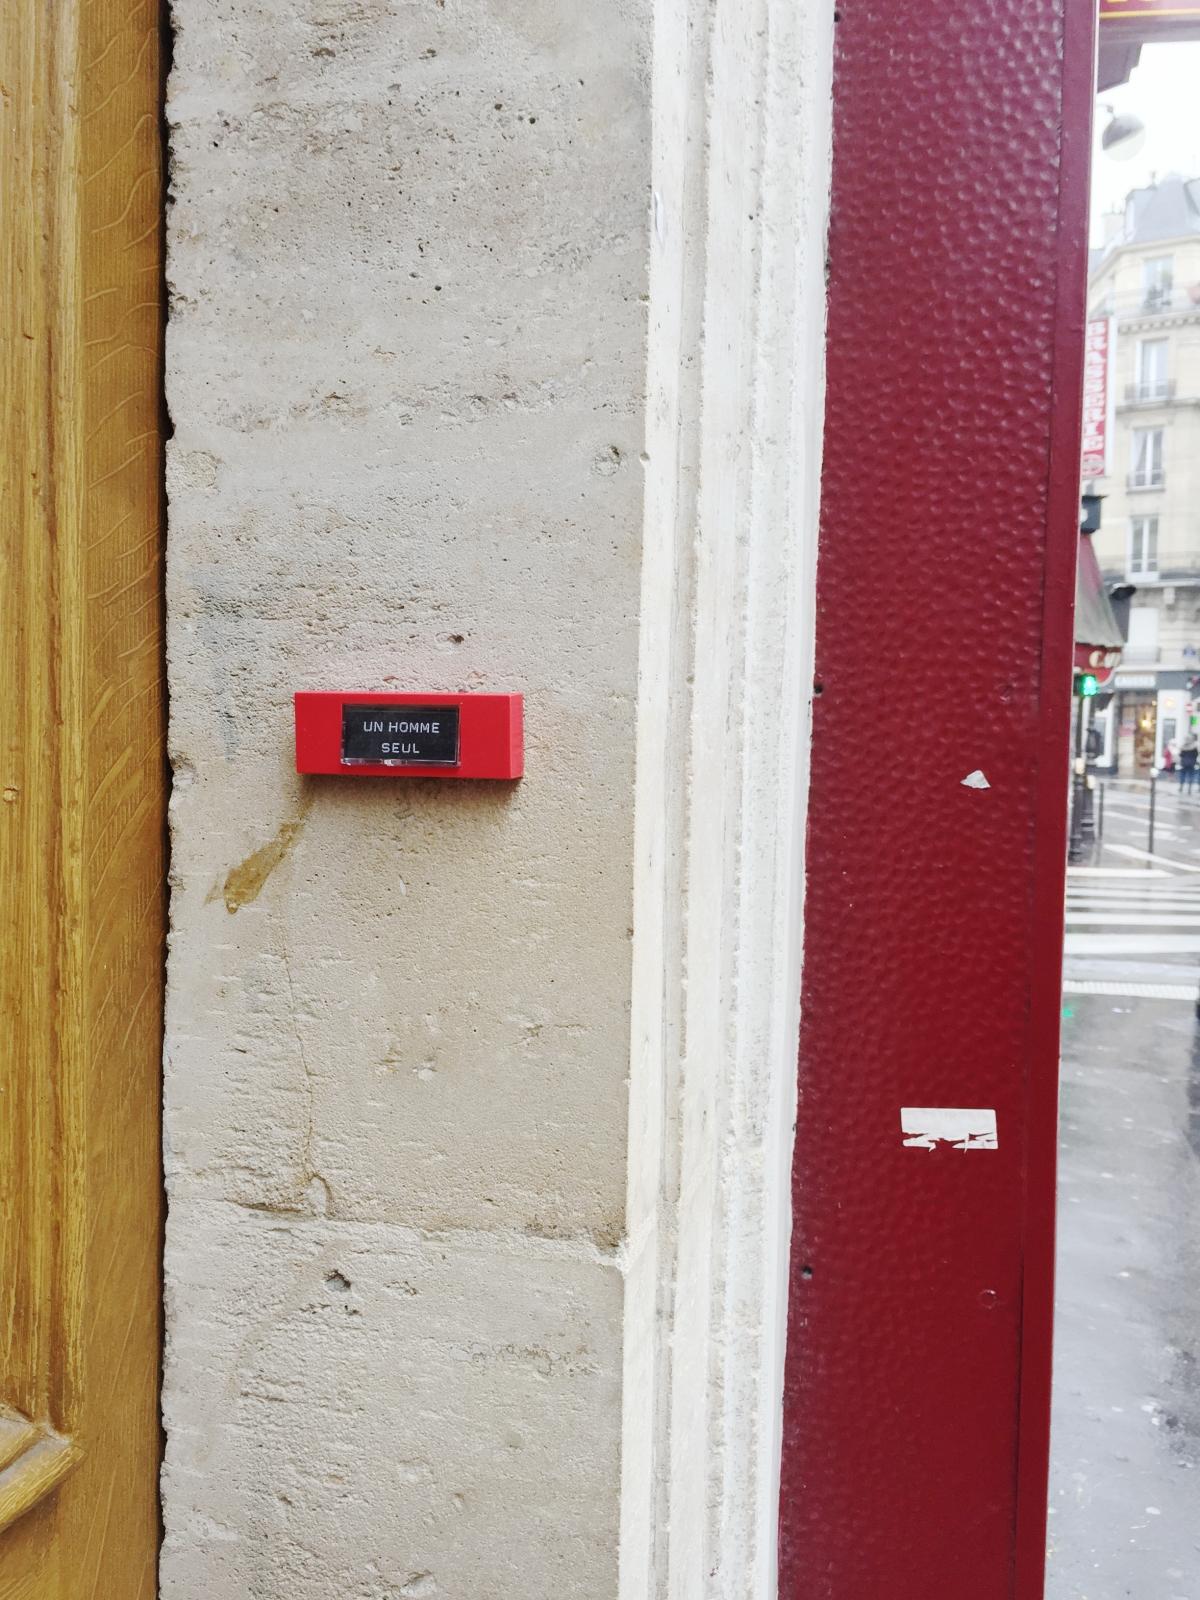 Unhomme seul- Paris 9ème arrondissement - 2014 - Le Sonneur